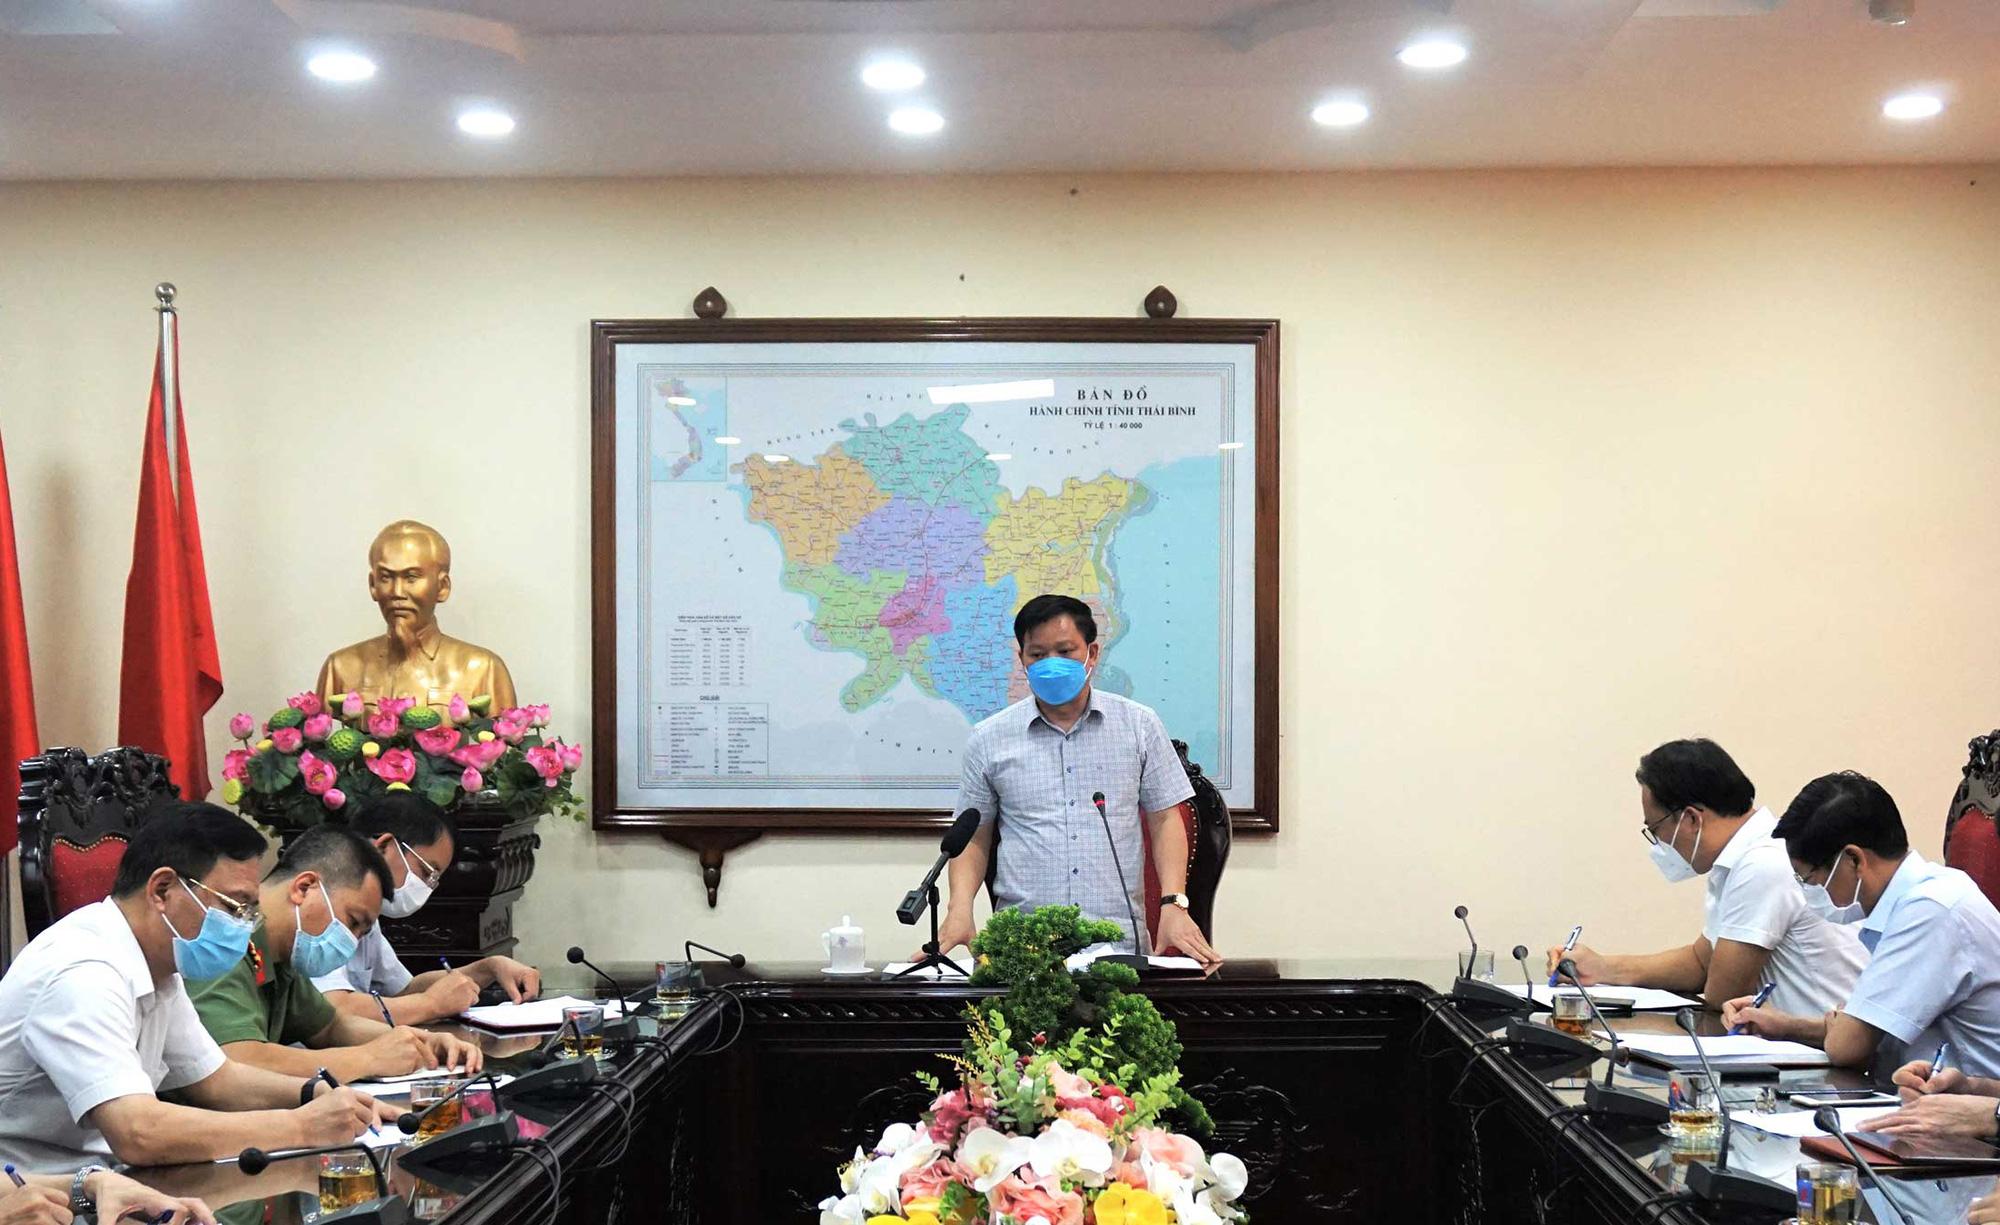 Thái Bình họp khẩn sau khi phát hiện 3 người dương tính SARS-CoV-2 - Ảnh 1.